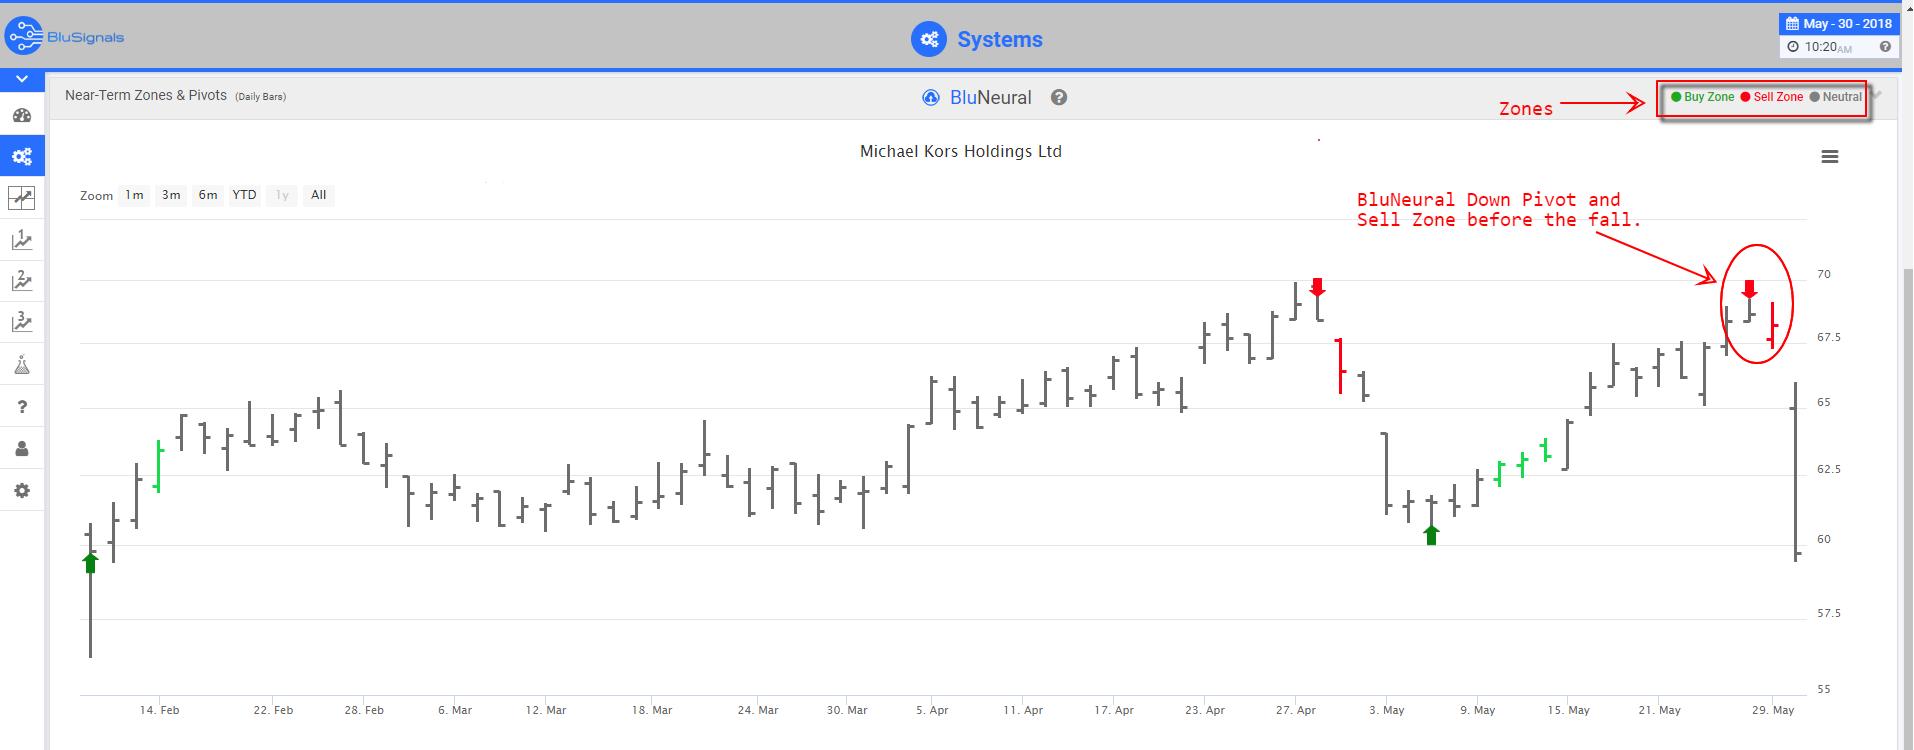 KORS trading signals